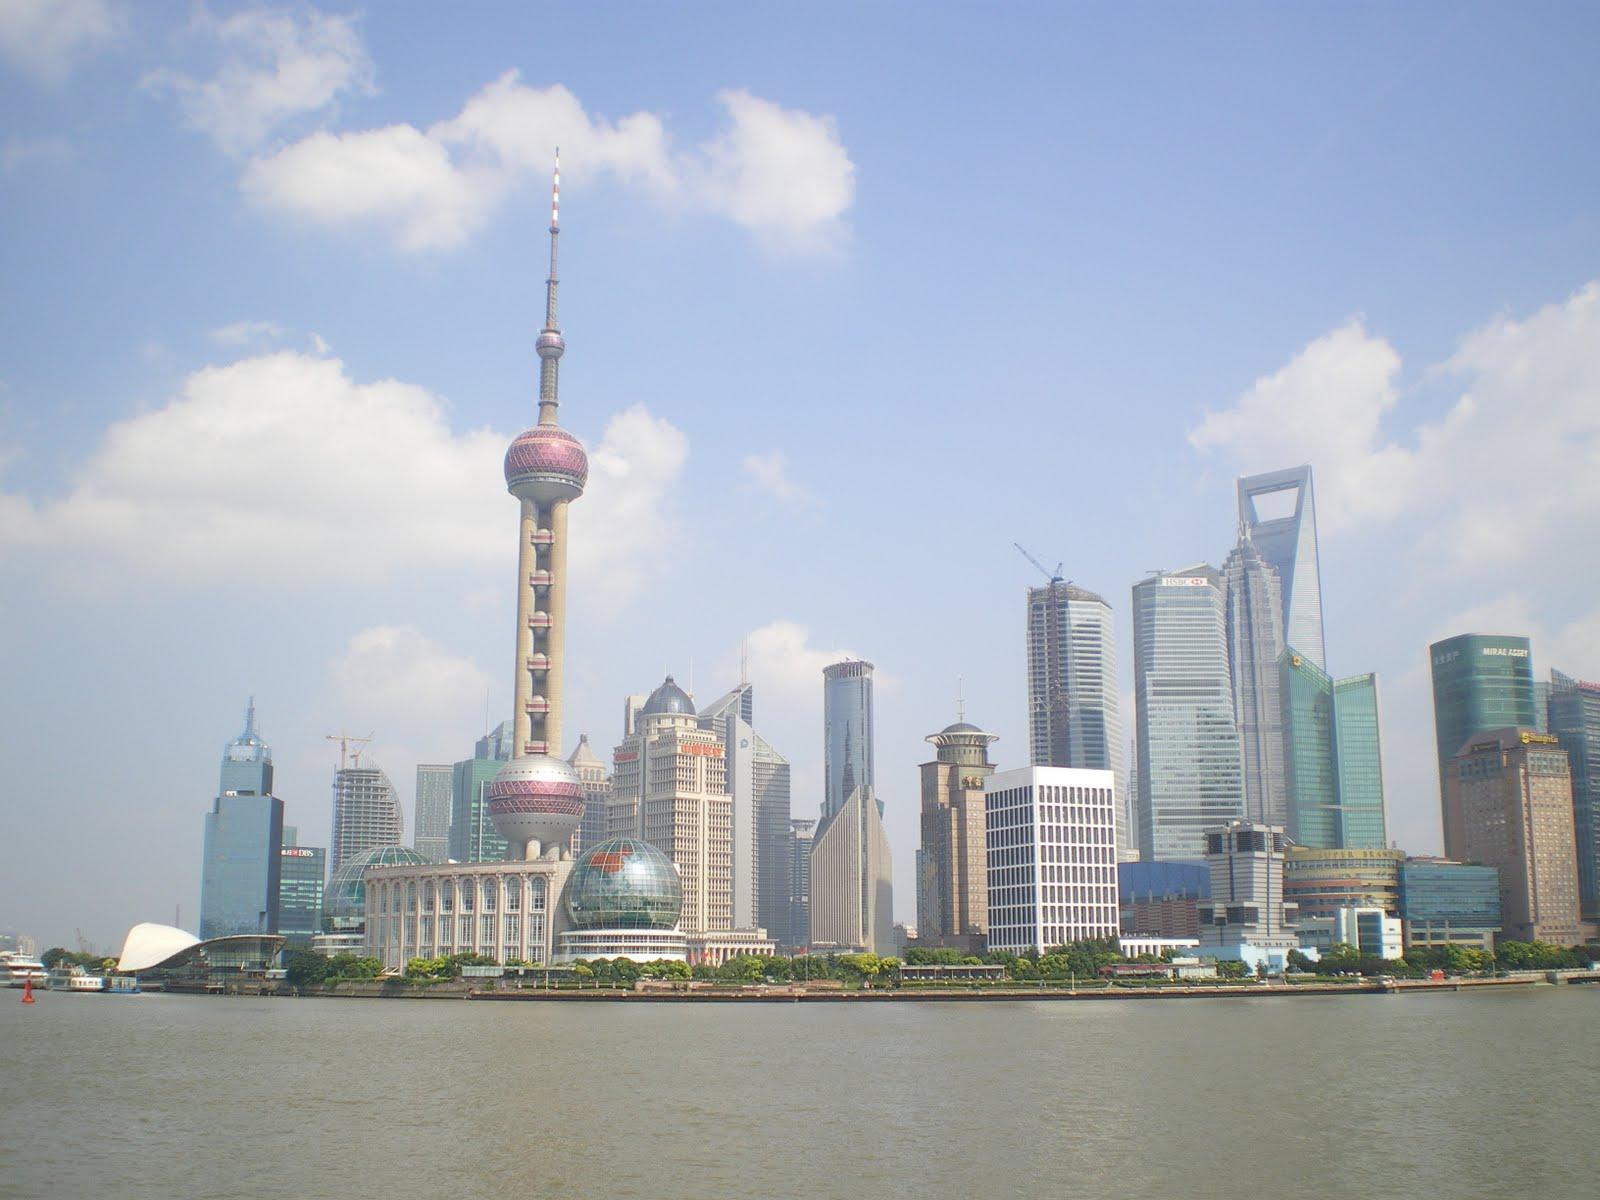 私が見た 2010年夏の上海は二度と戻らない上海新と旧が混沌と交わり 夏: 愛し上海